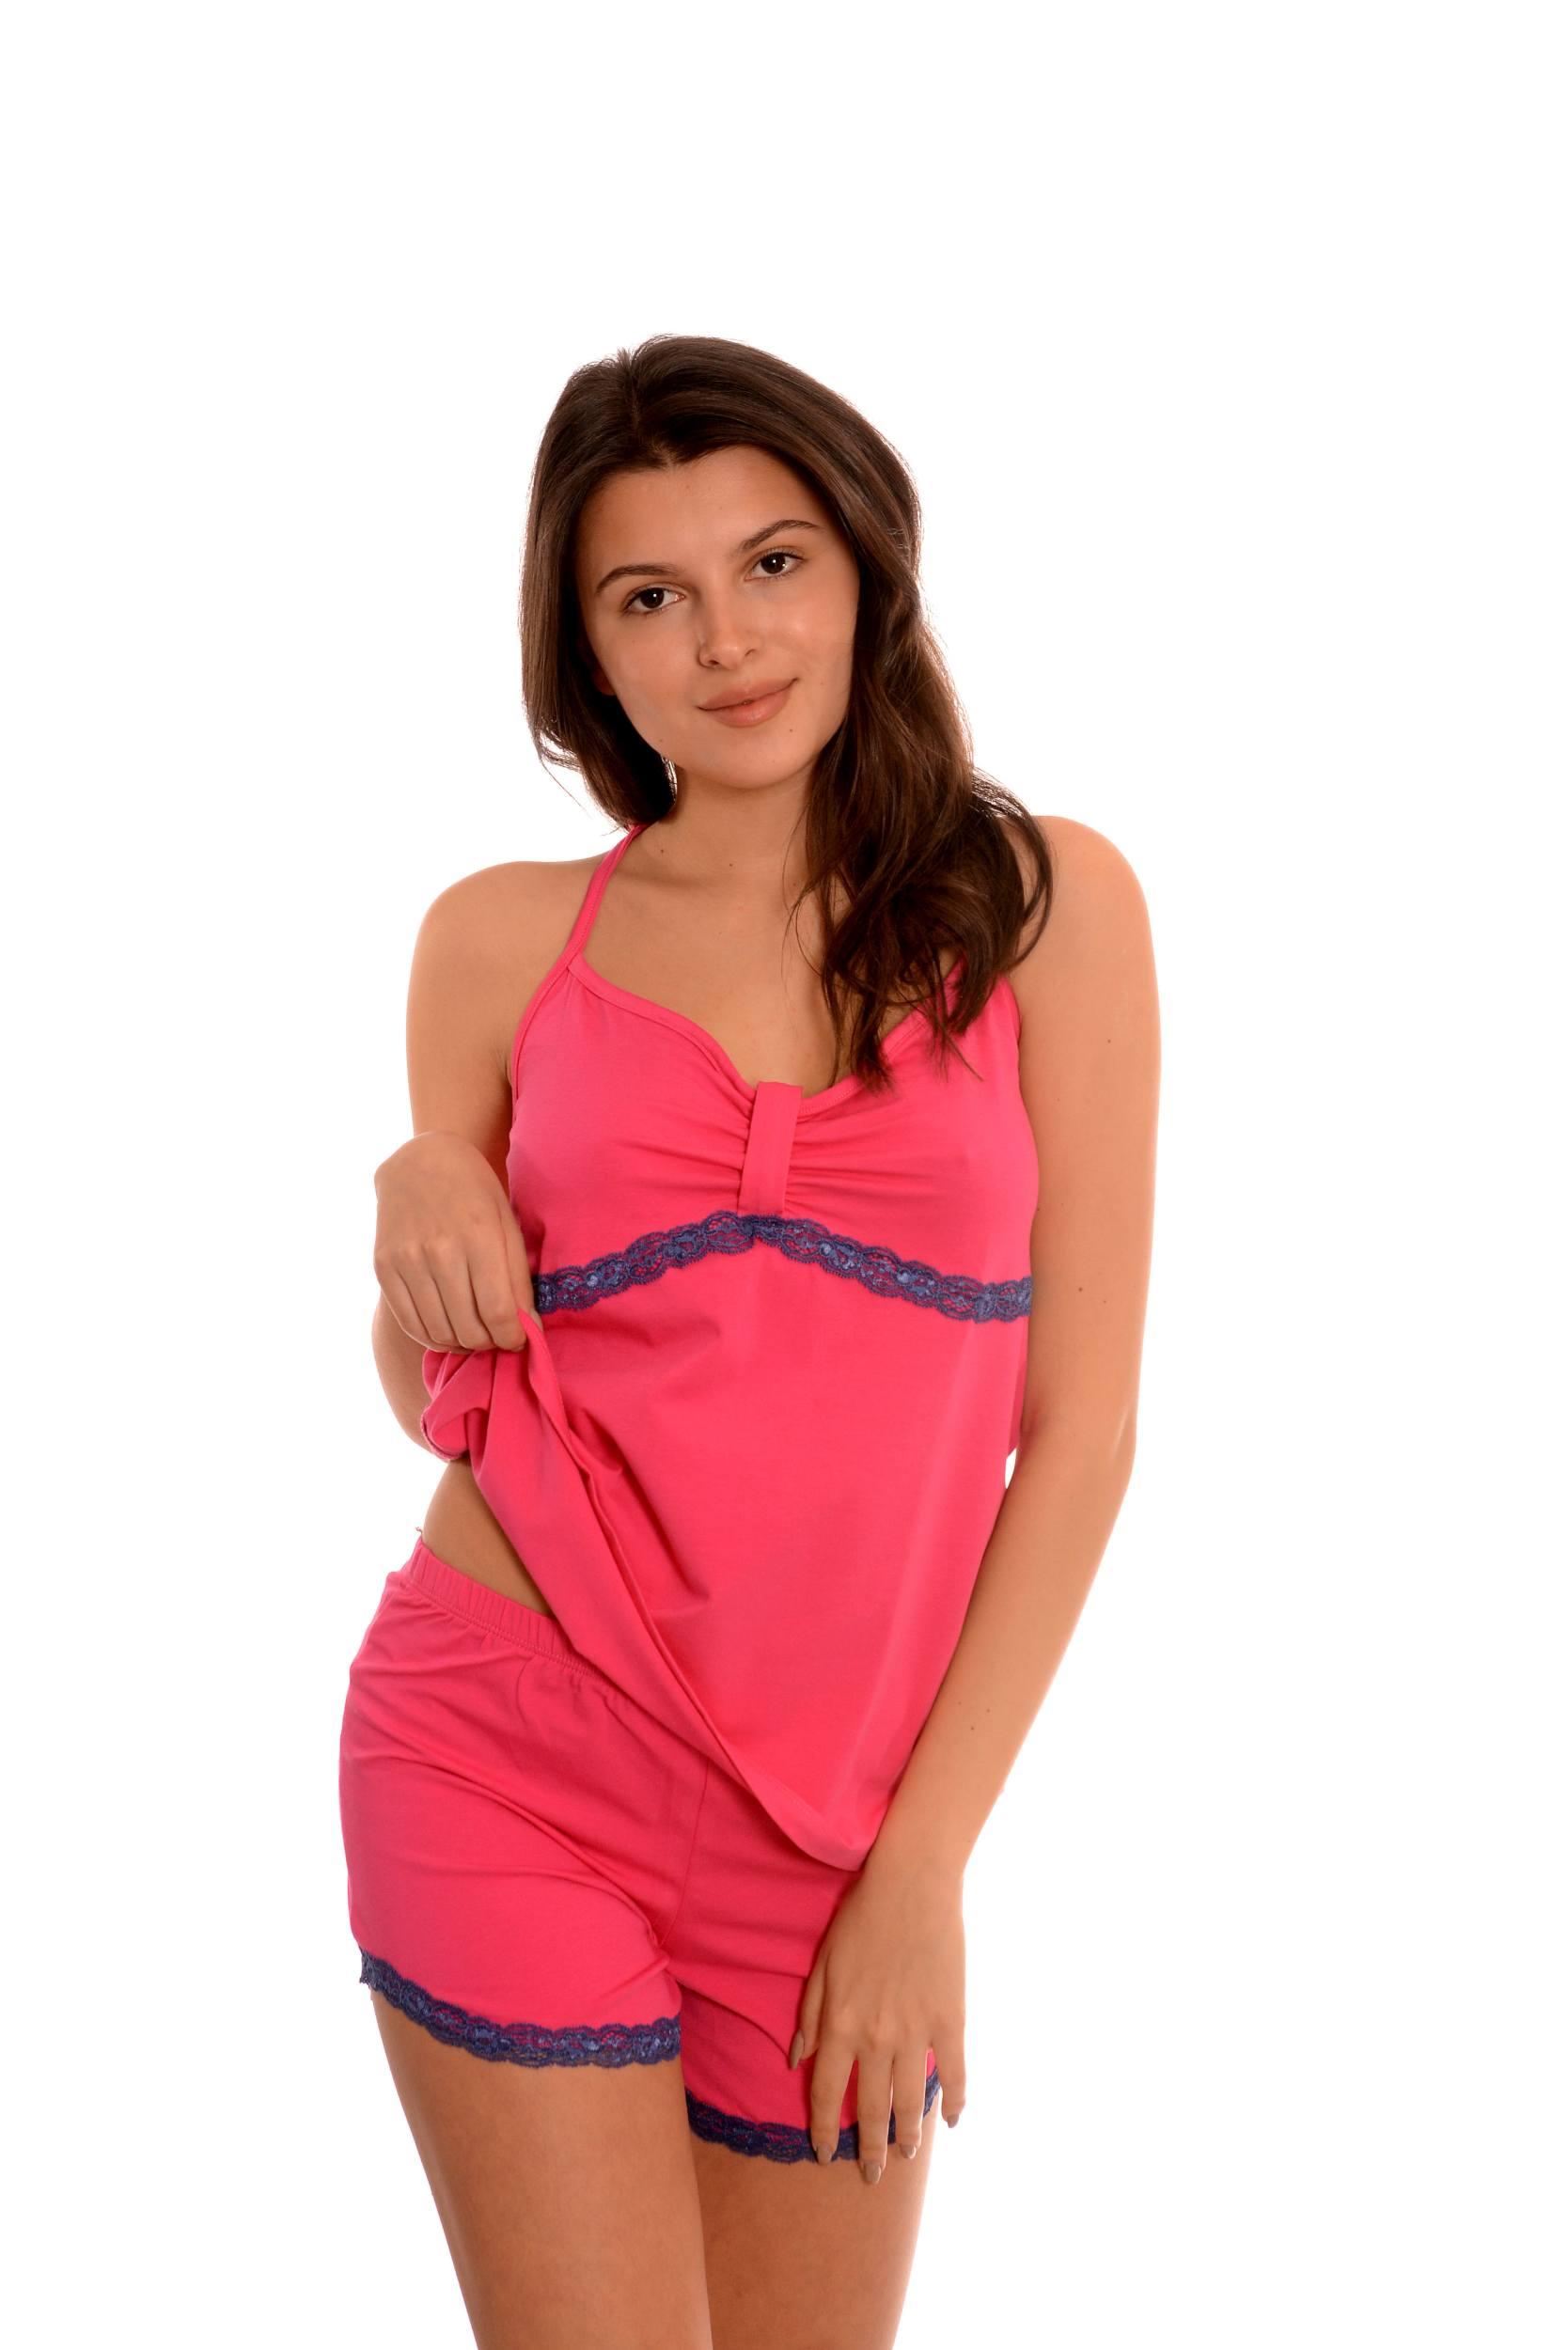 Дамска пижама от фин памук. Дизайнерски български модел.